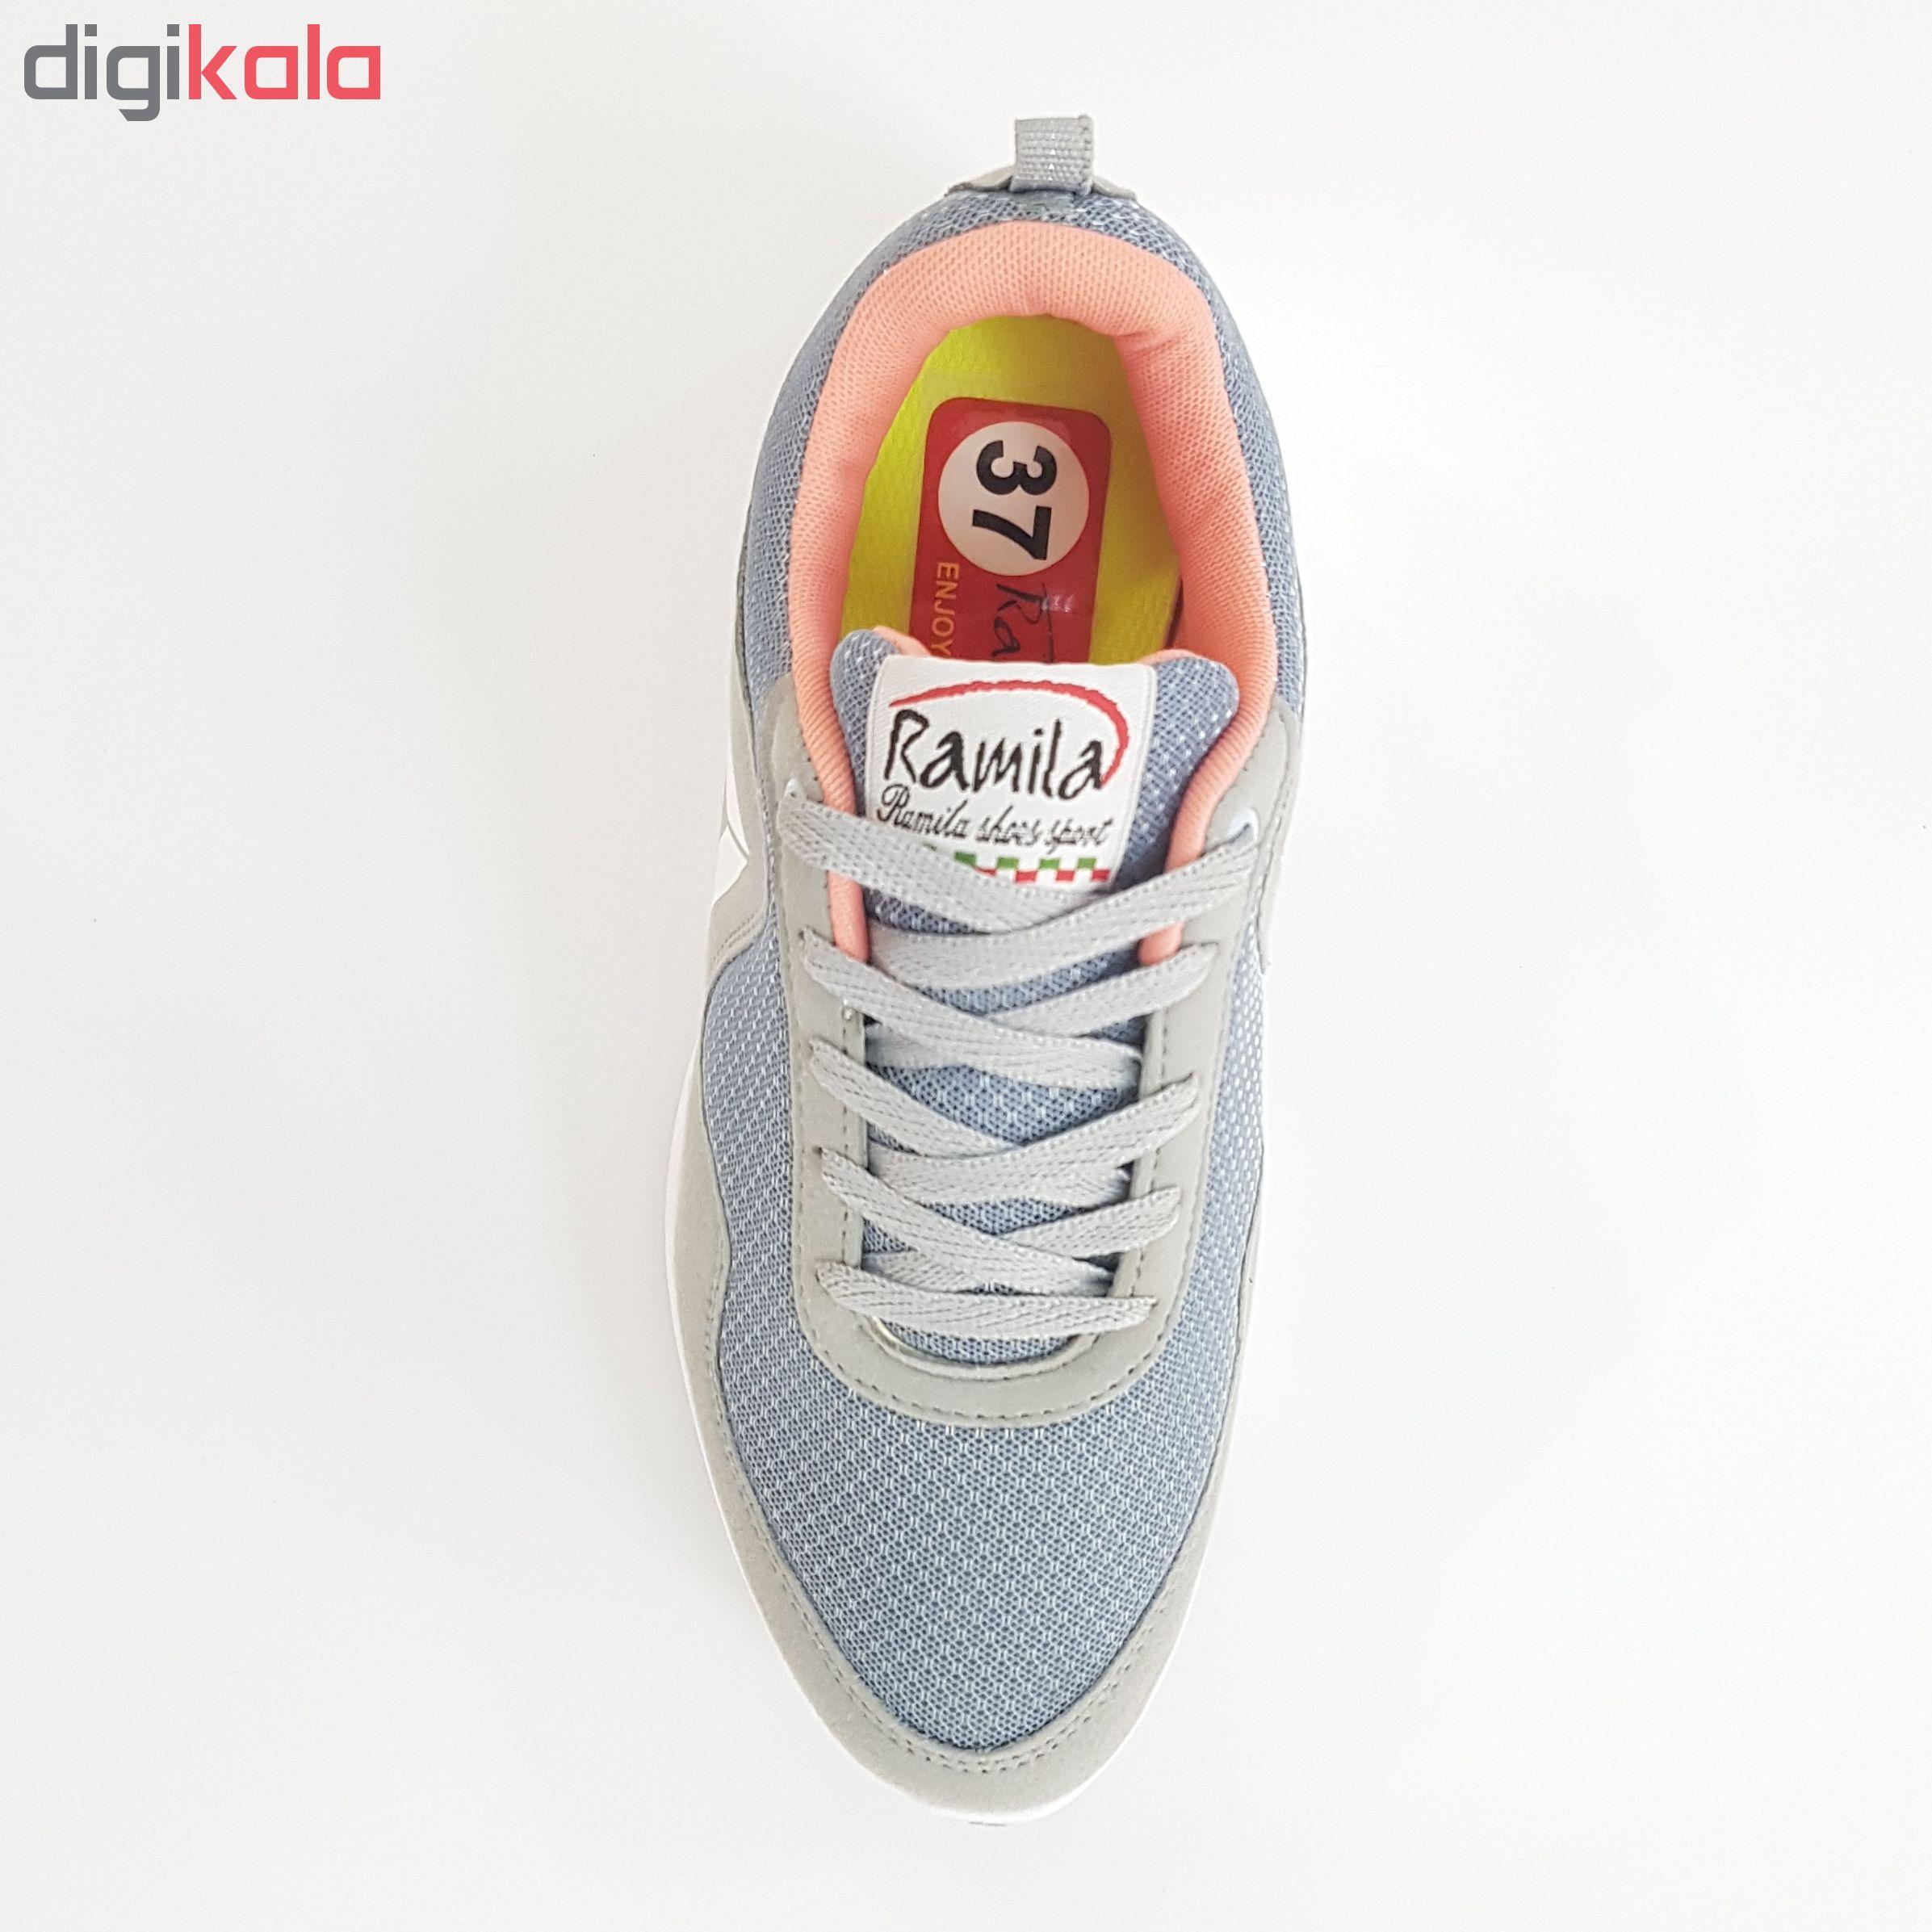 کفش مخصوص پیاده روی زنانه رامیلا مدل Rb bl.wh-2019